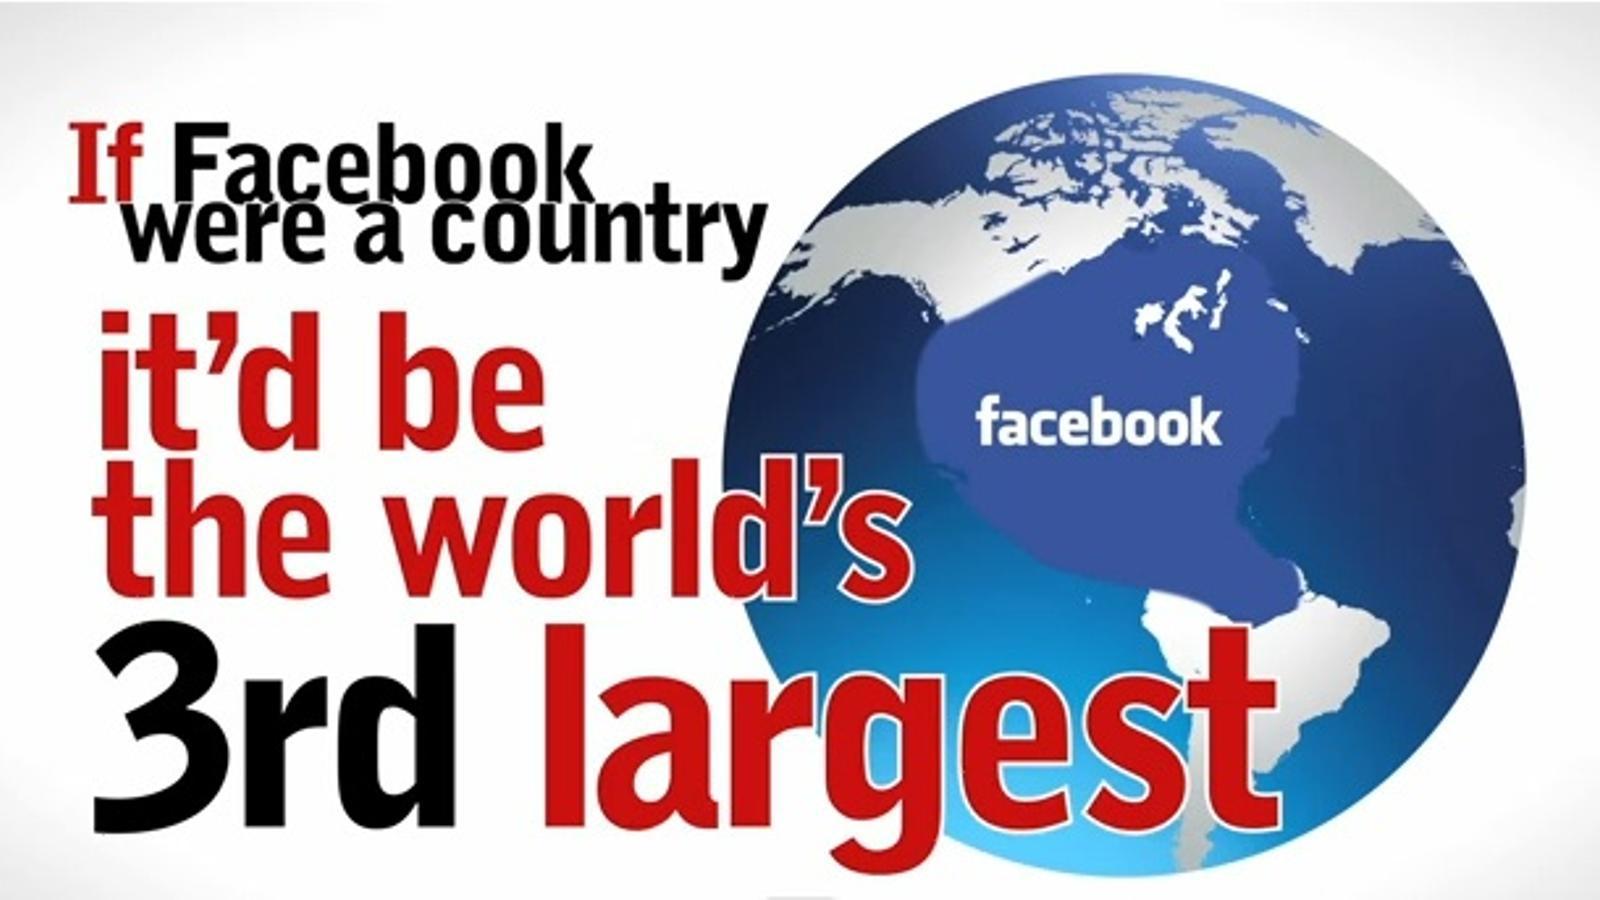 Si Facebook fos un país, seria el tercer més gran del món